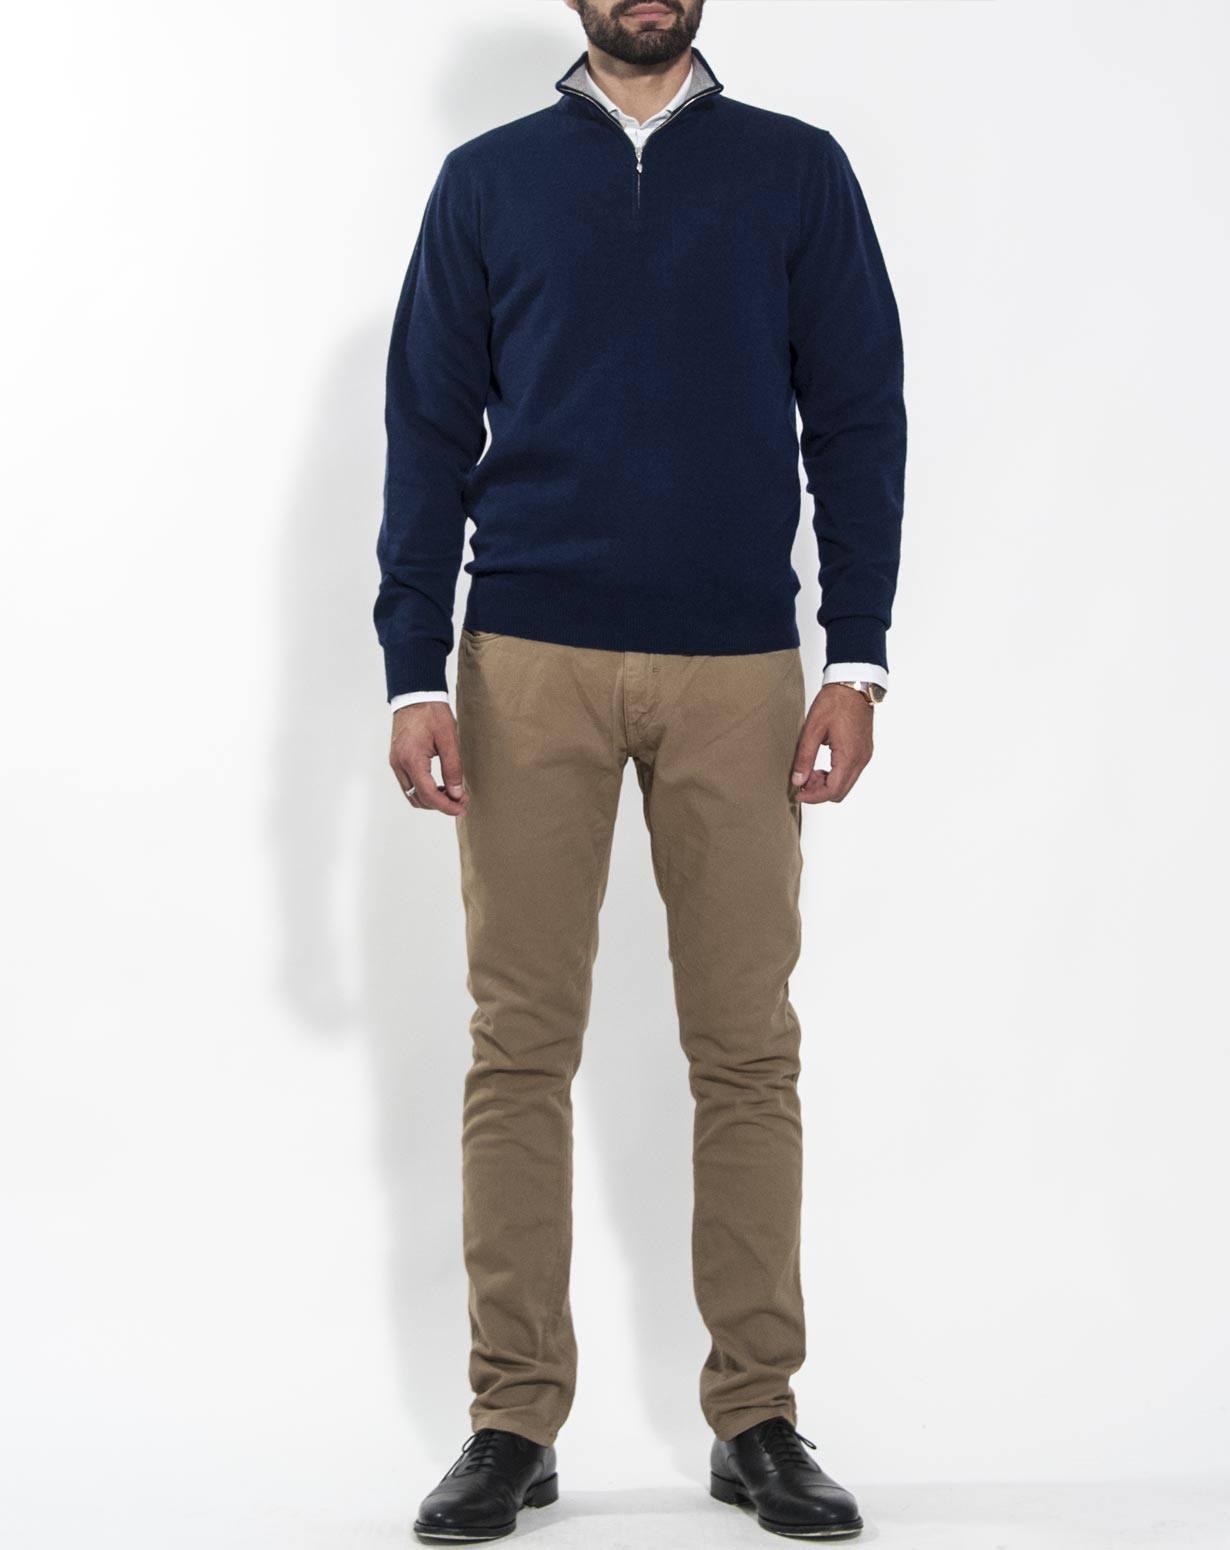 Men's Cashmere Half Zip Sweater | MaisonCashmere